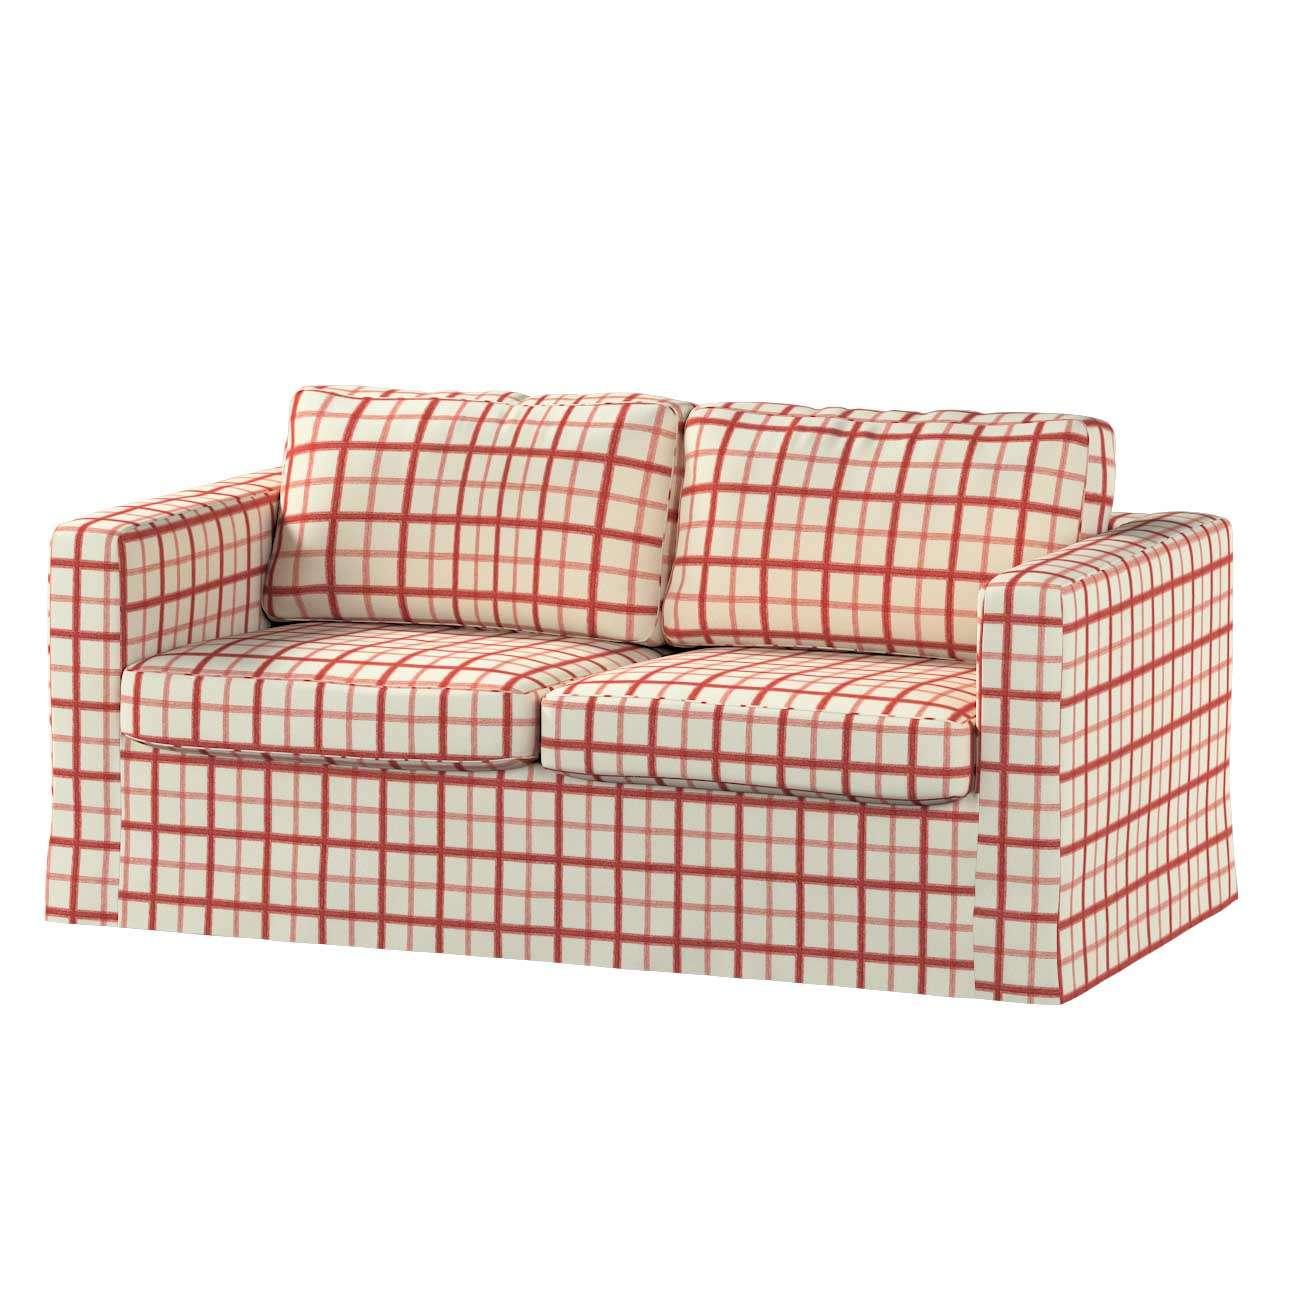 Pokrowiec na sofę Karlstad 2-osobową nierozkładaną długi Sofa Karlstad 2-osobowa w kolekcji Avinon, tkanina: 131-15